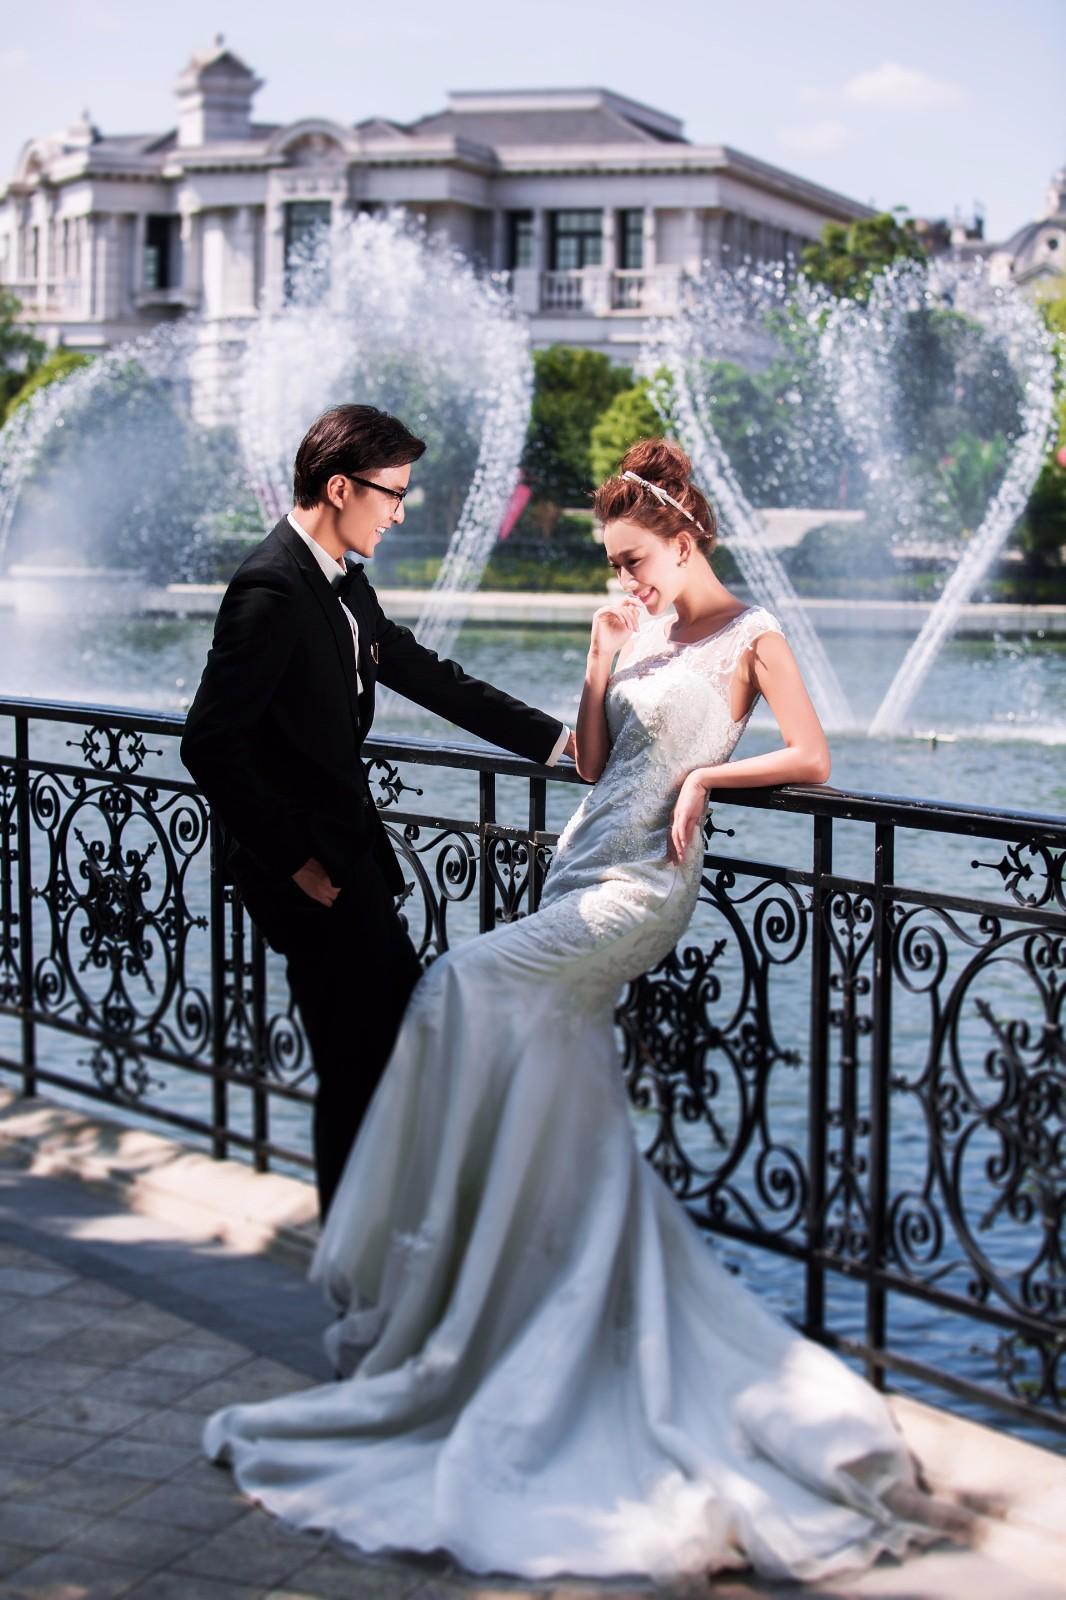 结婚的歌曲,每个环节的都不一样一定要慎重选择